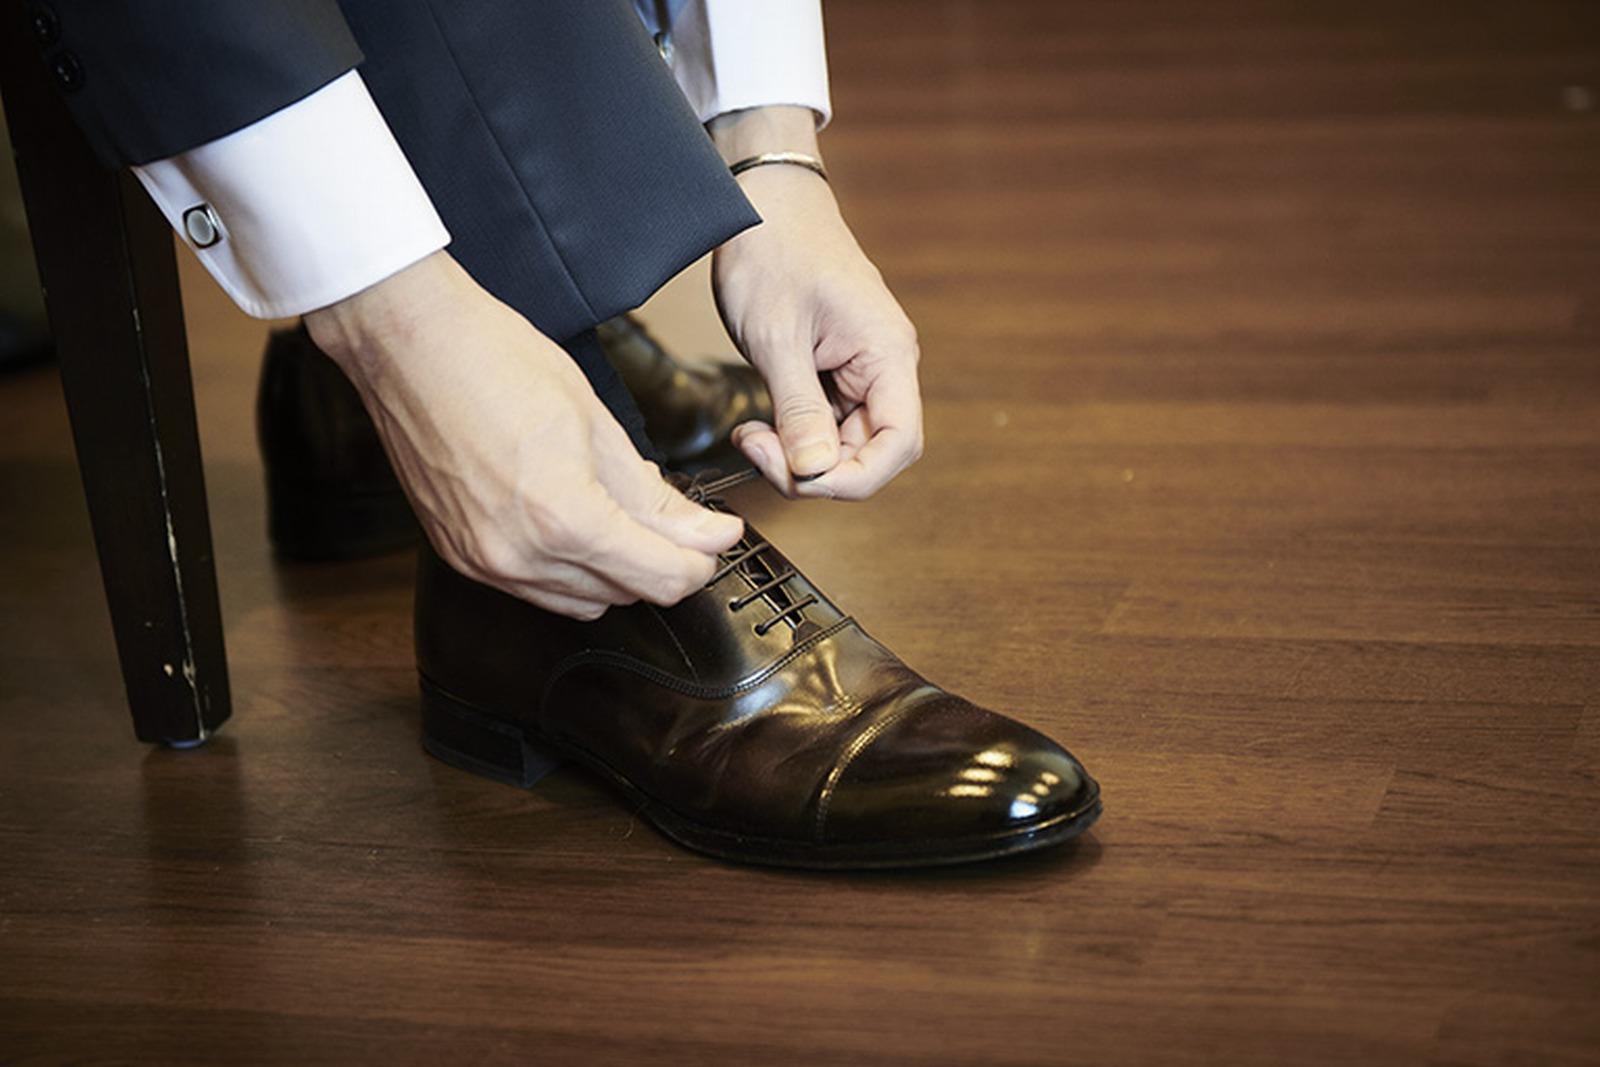 徳島県の結婚式場ブランアンジュで靴ひもを結び支度をする新郎